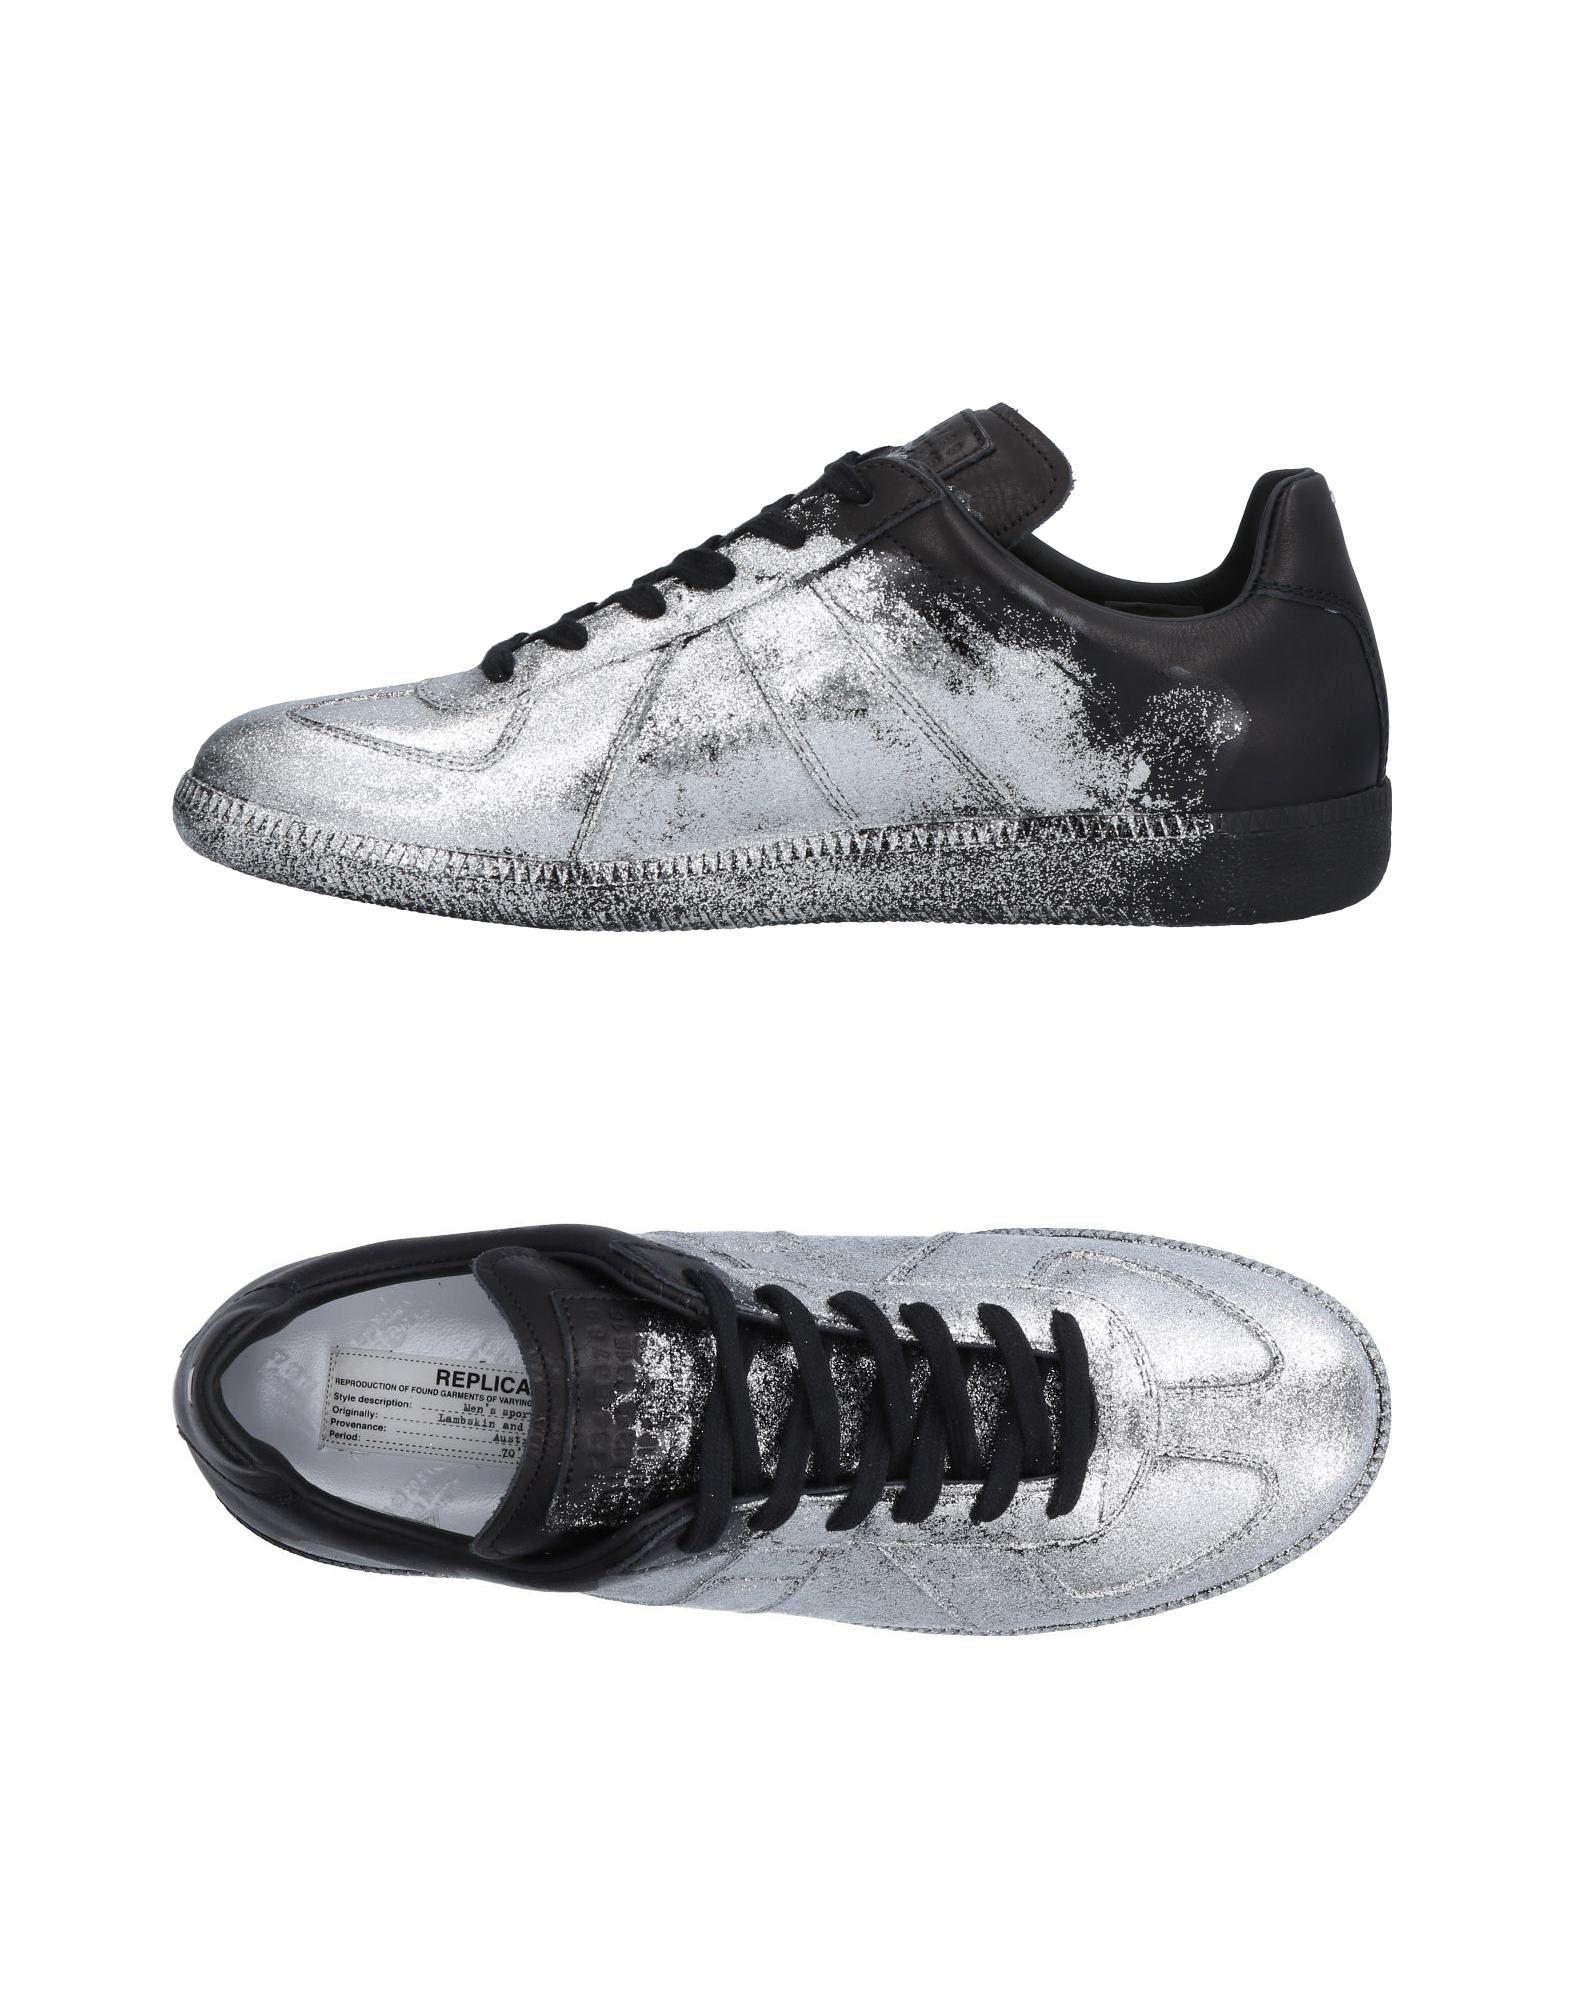 Maison 11471981FR Margiela Sneakers Herren  11471981FR Maison Gute Qualität beliebte Schuhe 0b97be